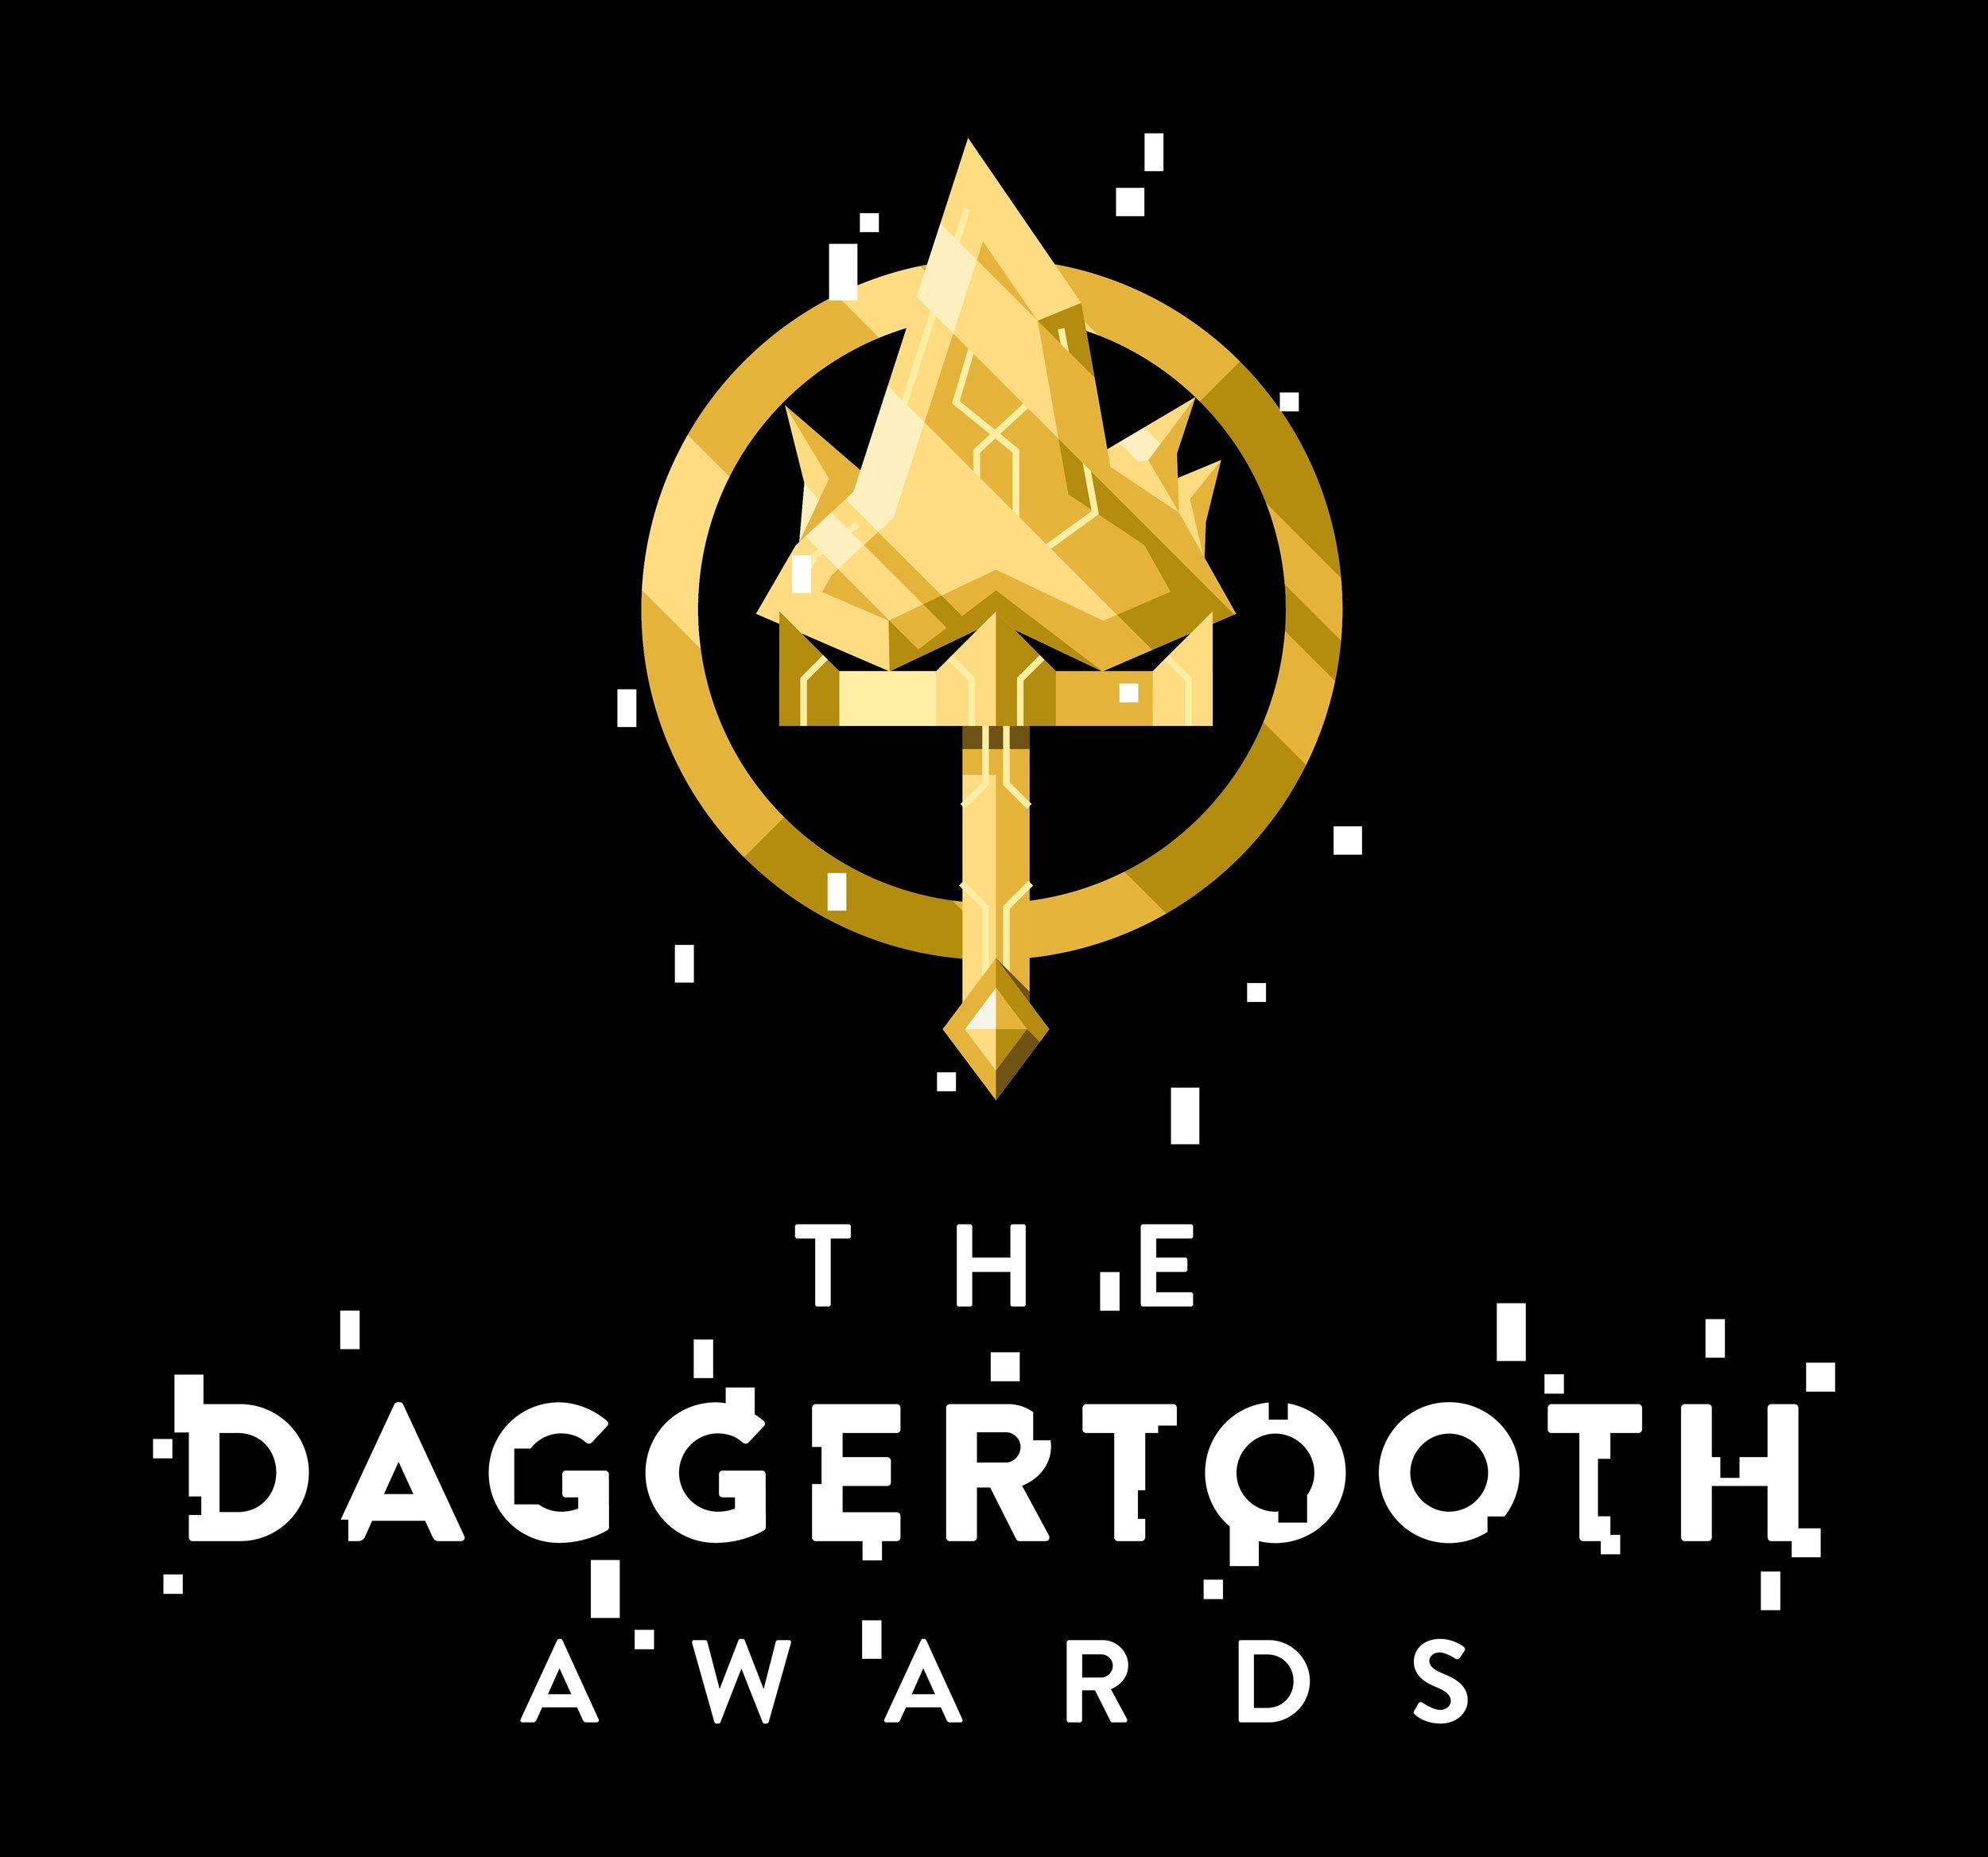 DAGGERTOOTHS!.jpg